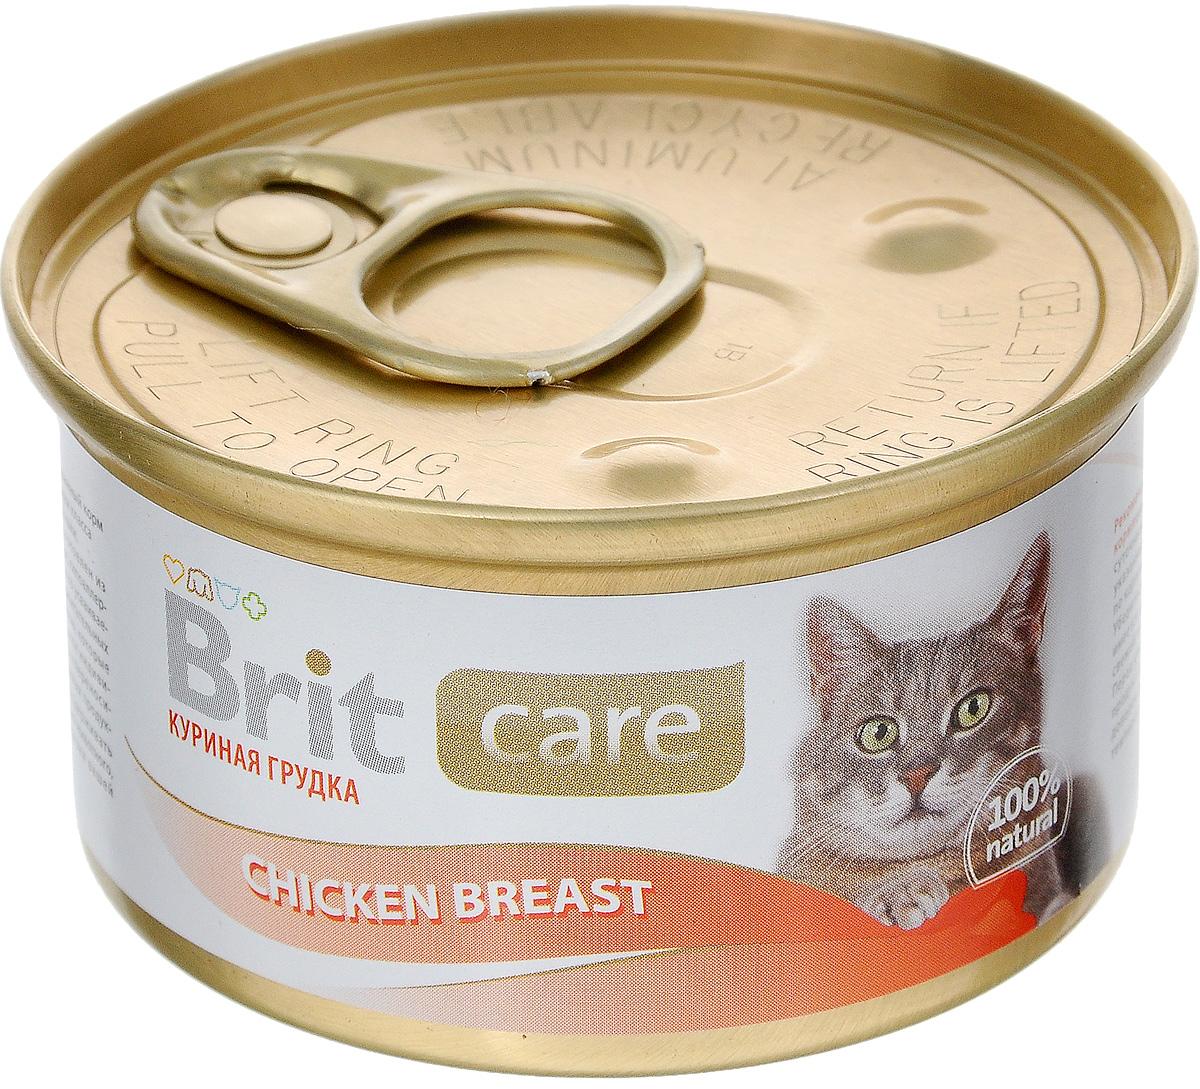 Консервы для кошек Brit Care, с куриной грудкой, 80 г сухой корм brit care cat monty indoor для кошек живущих в квартире 7кг